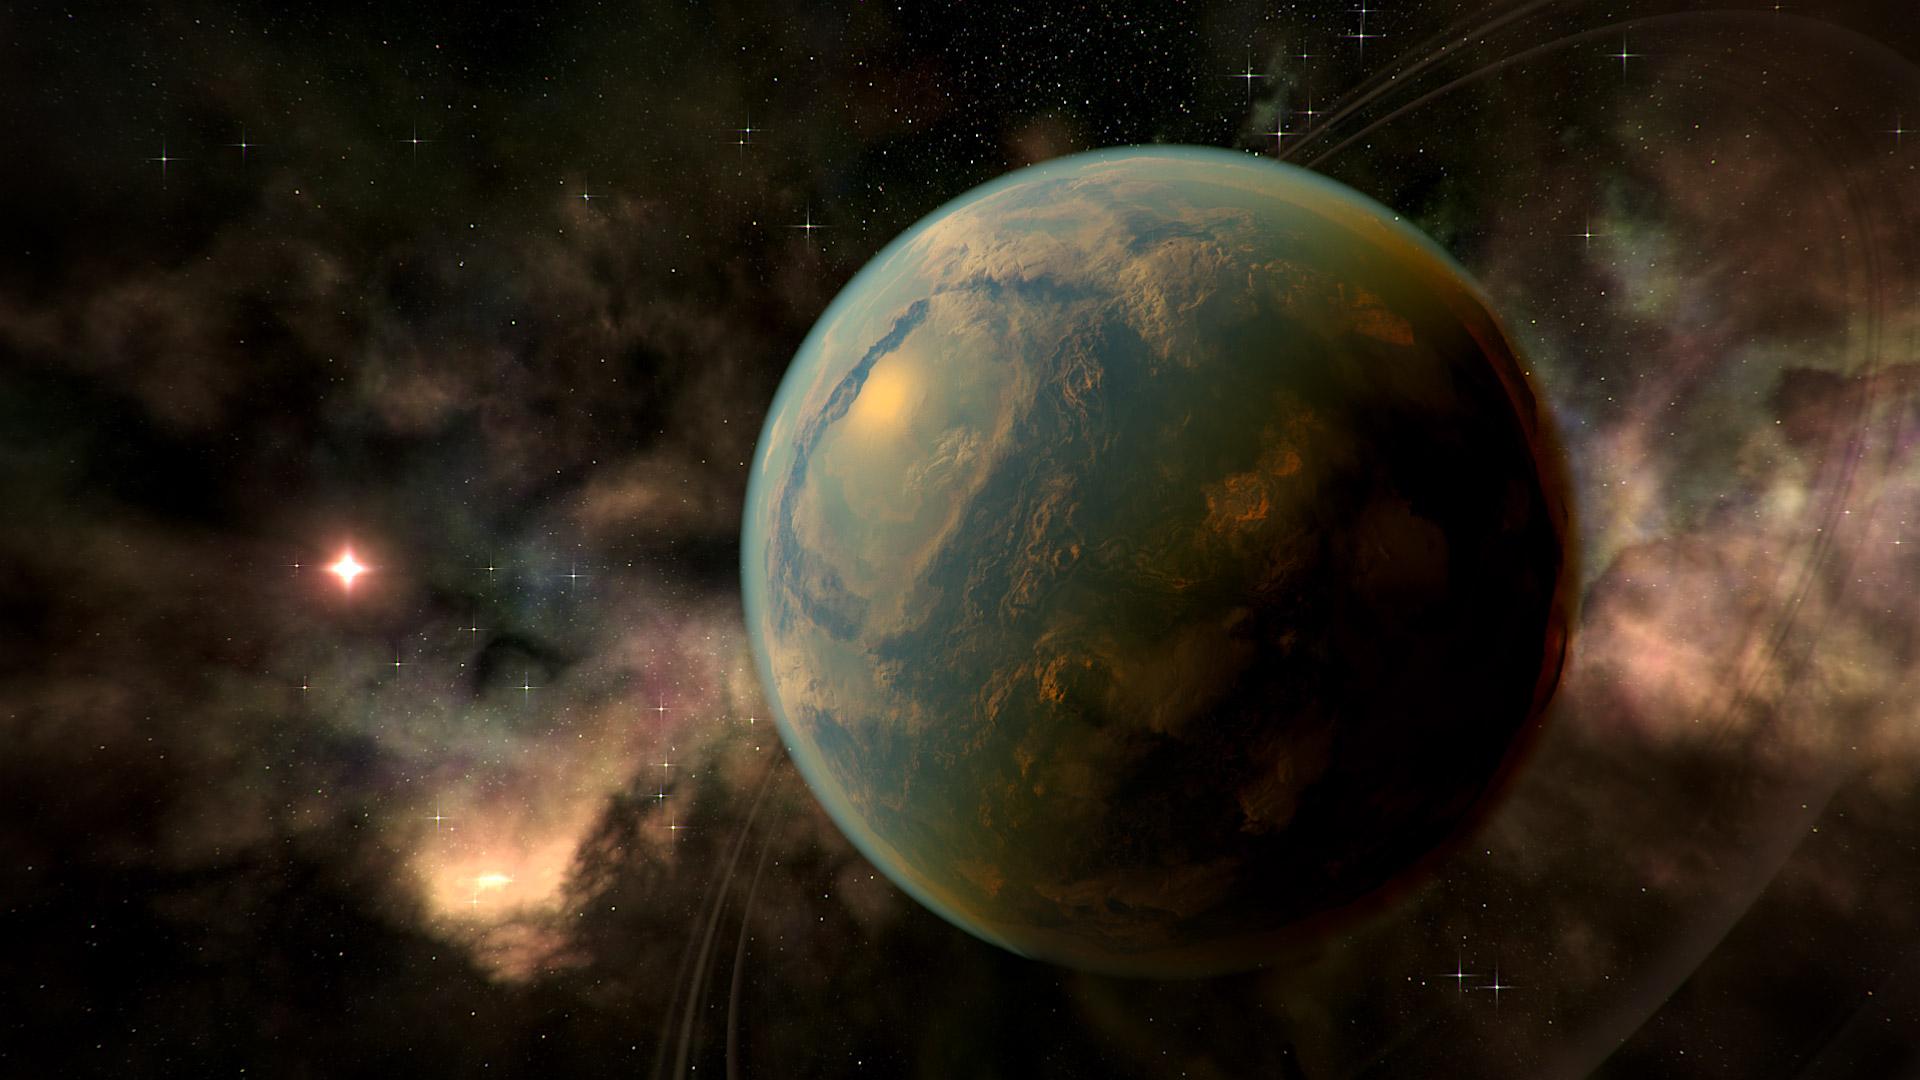 Nebula HDRI